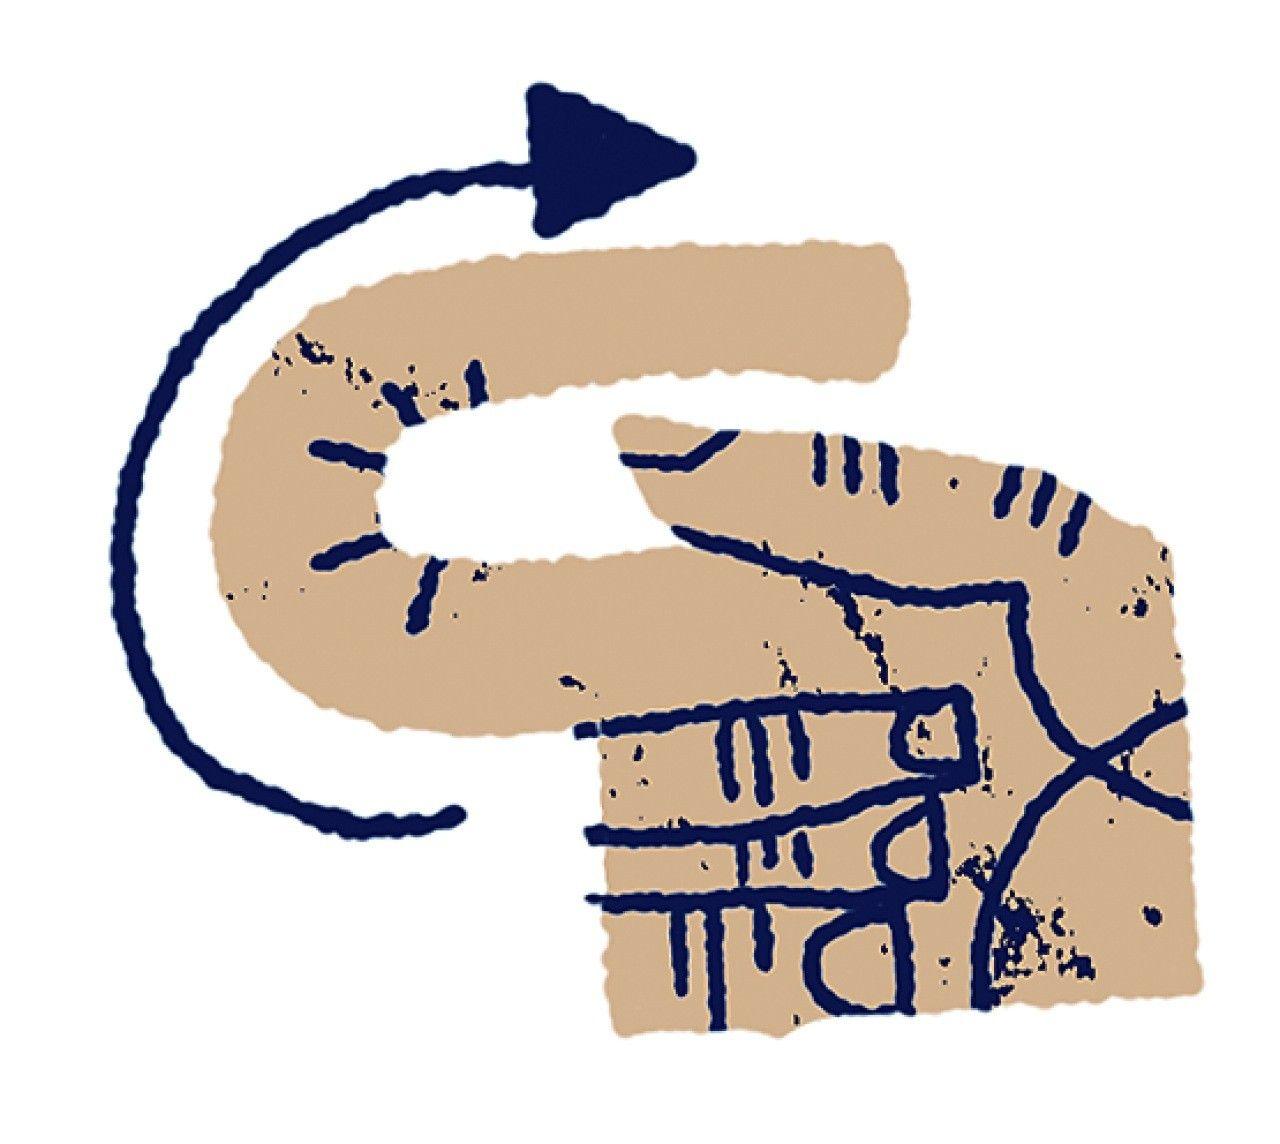 CO-HM-2012-007-0090-01-BI